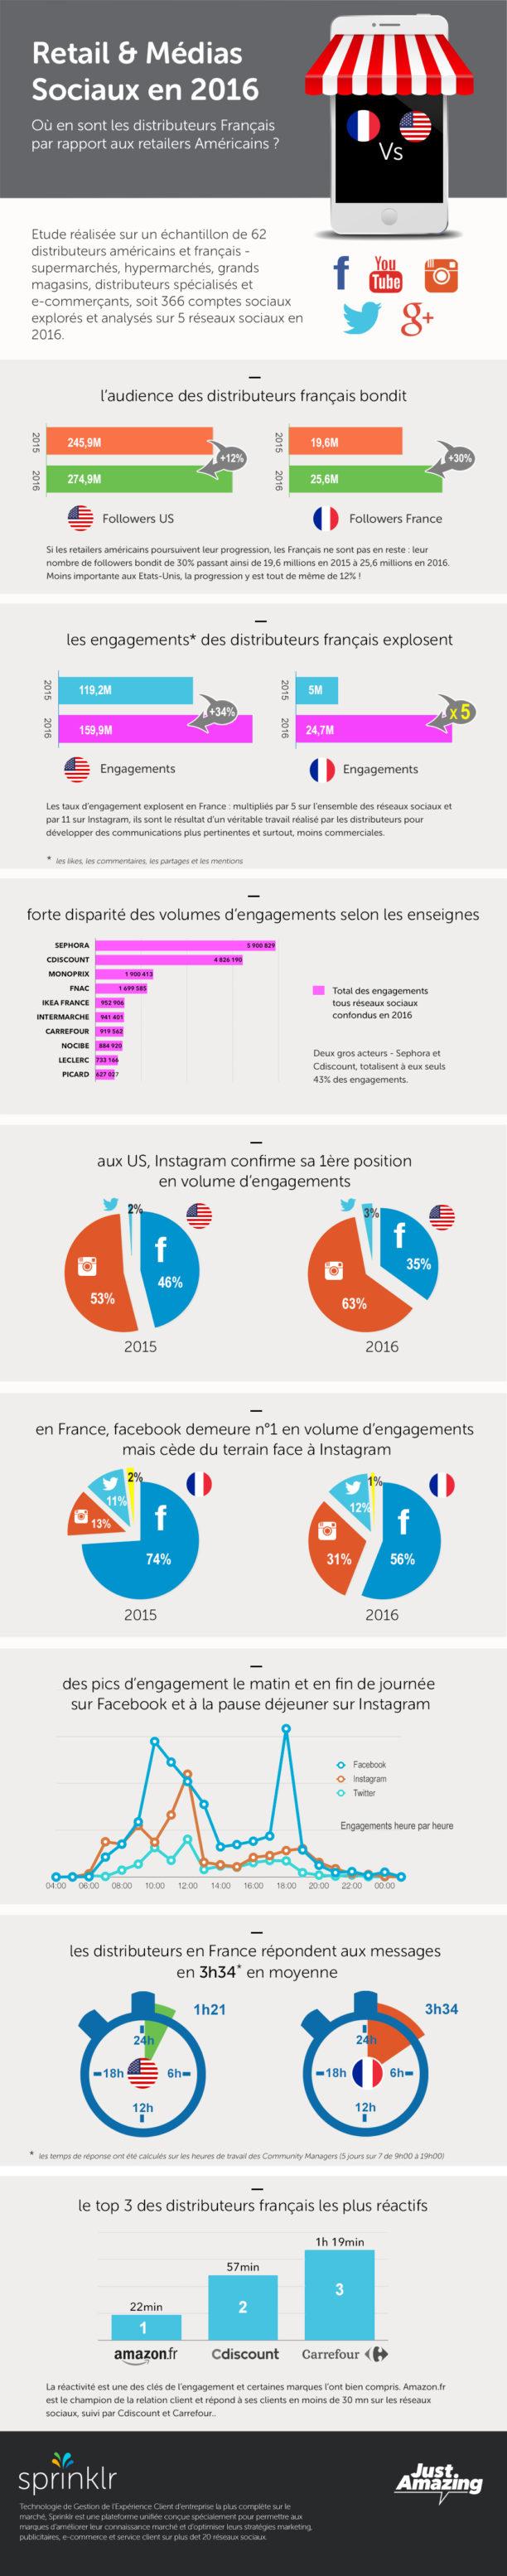 Les retailers français et les réseaux sociaux